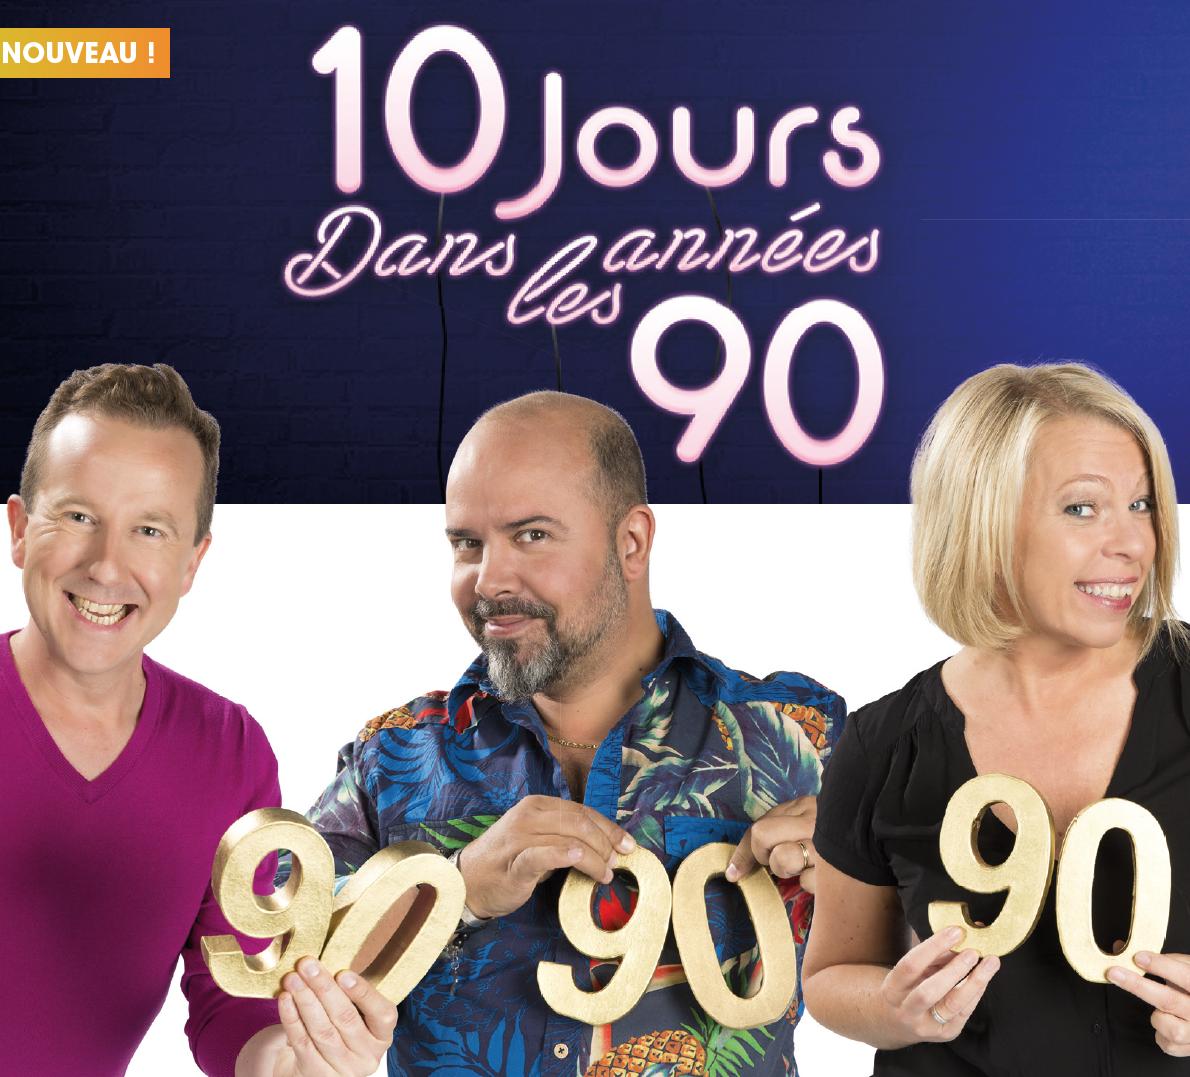 """Le 16 octobre, Nostalgie partira à la rencontre de ses auditeurs. 24h pour 4 lieux d'émission durant le Tour """"Nostalgie Family"""" avec de nombreuses surprises à la clé"""